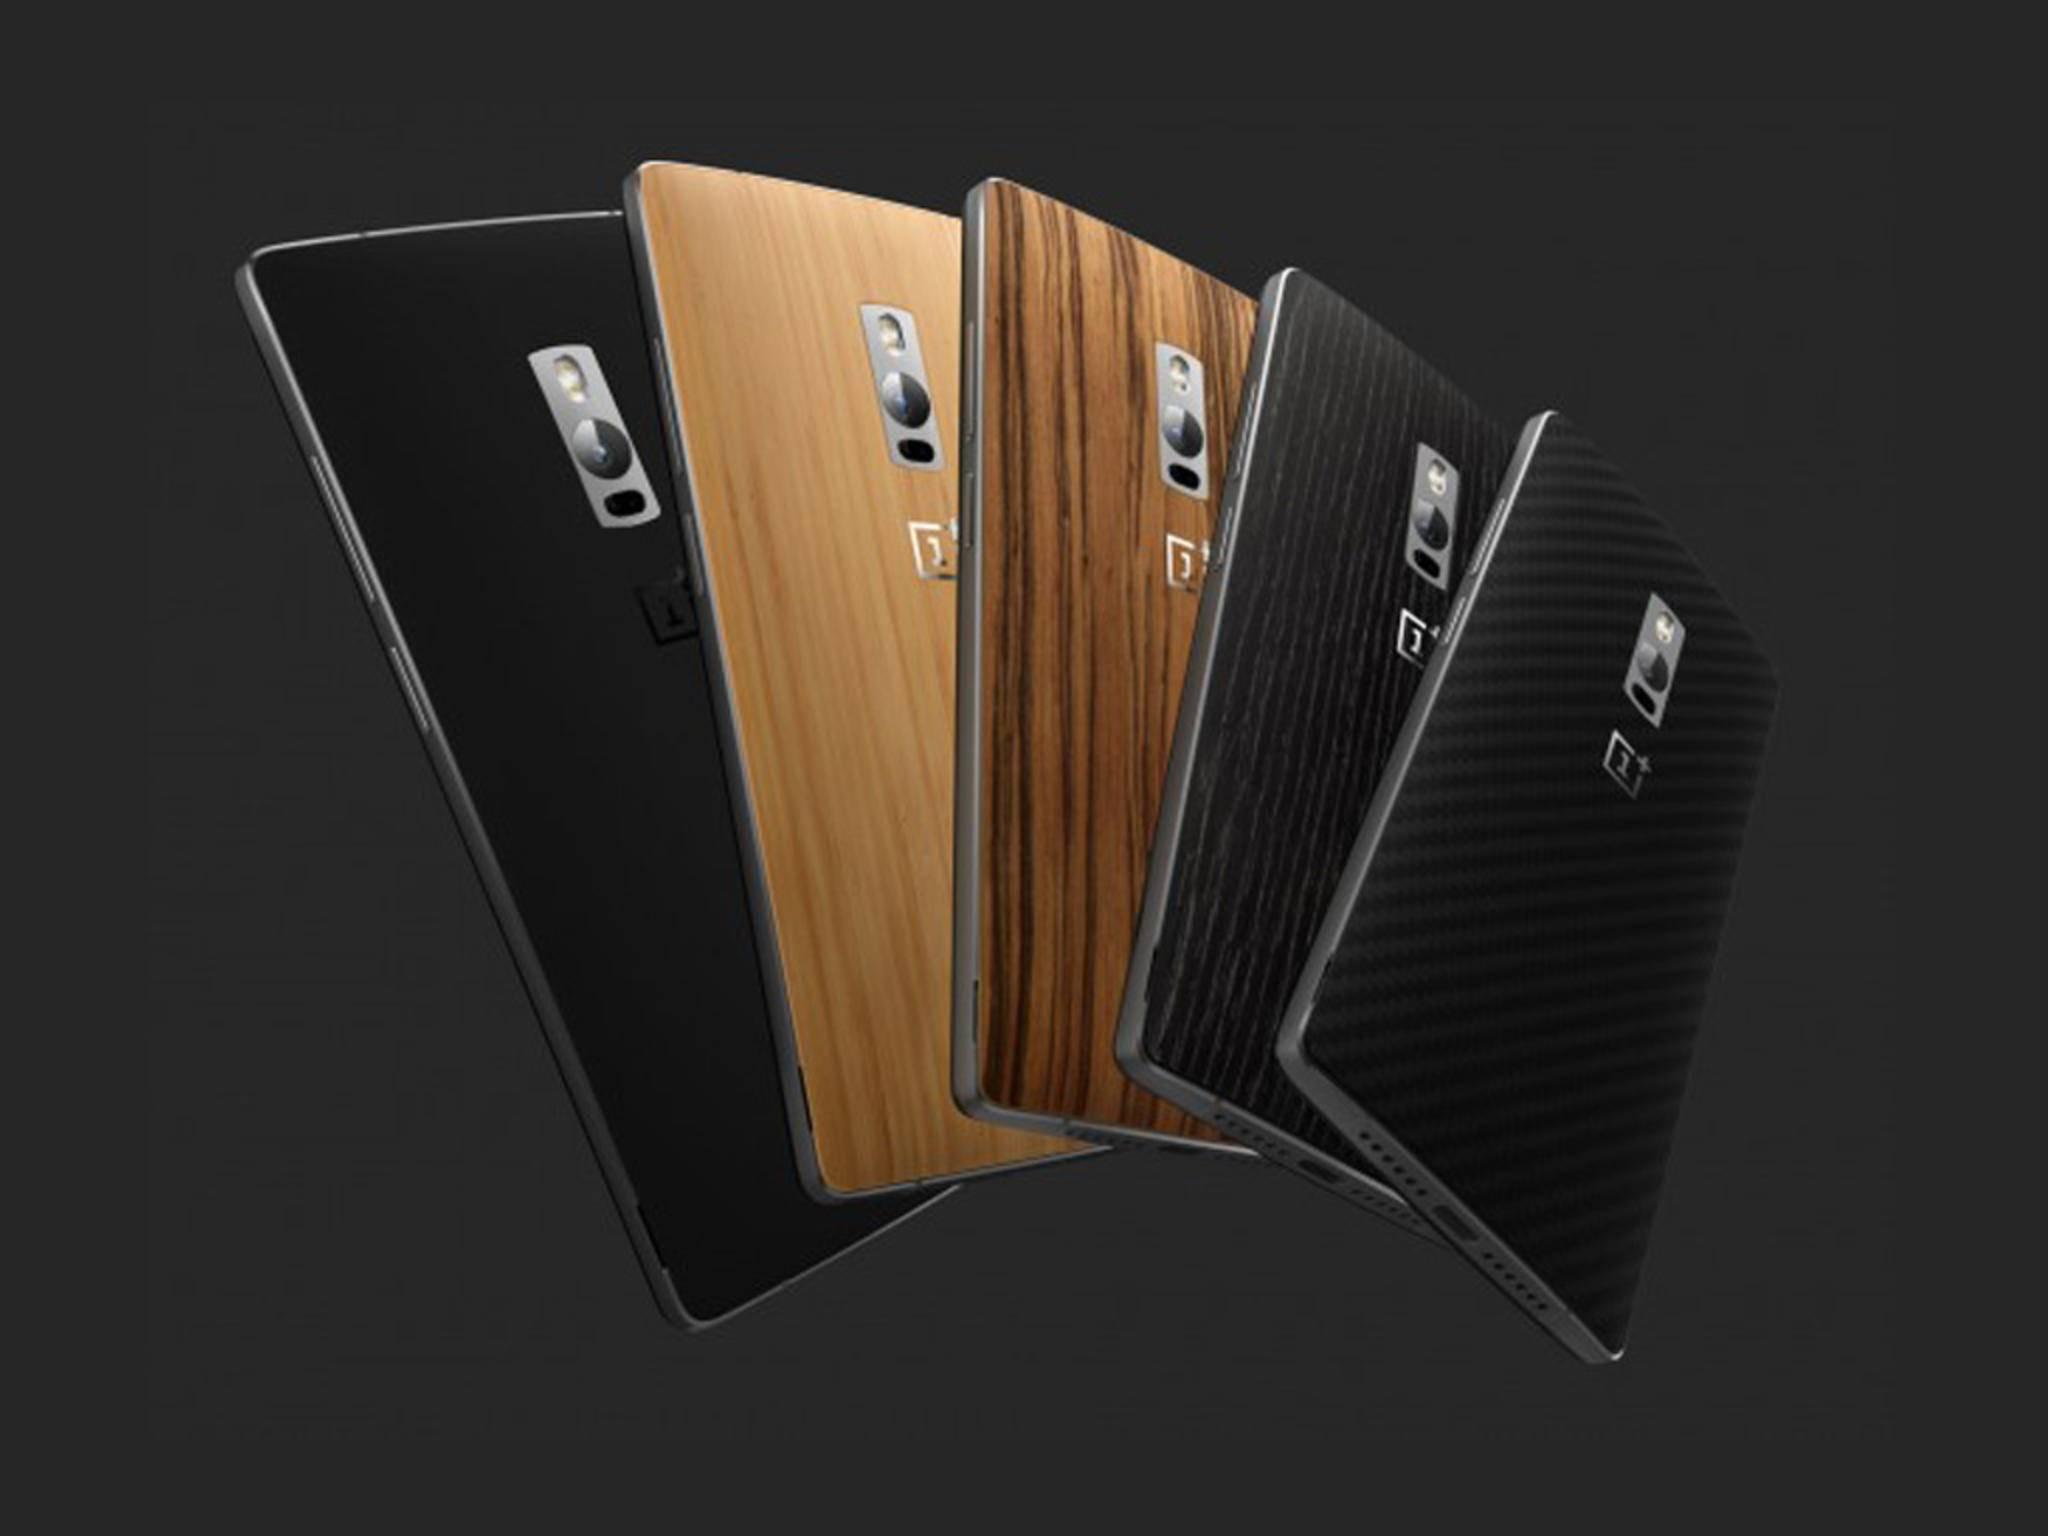 Für das OnePlus 2 stehen insgesamt fünf Rückseiten zur Verfügung.